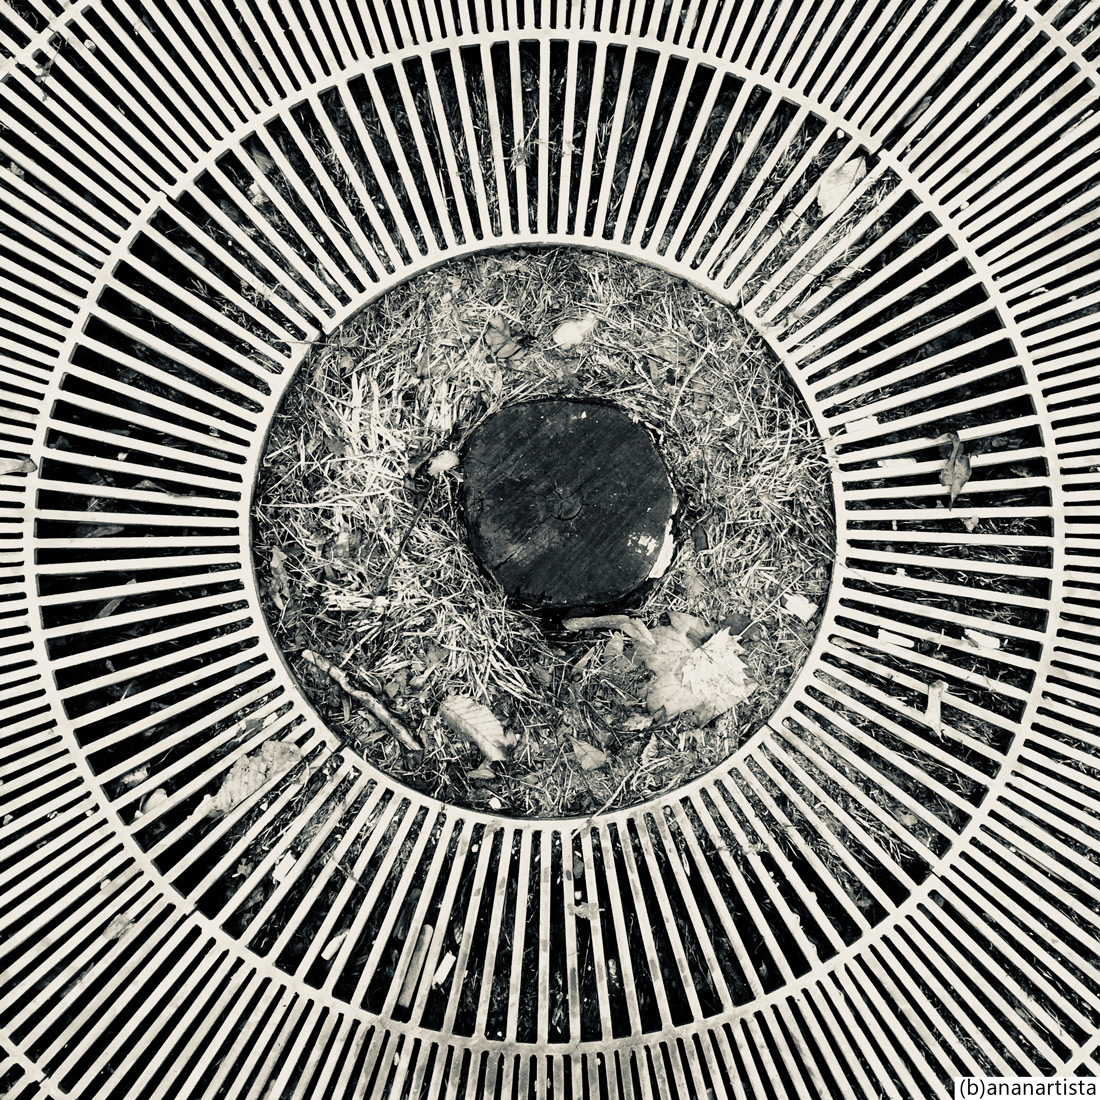 cerchi concentrici: fotografia in bianco e nero di (b)ananartista sbuff